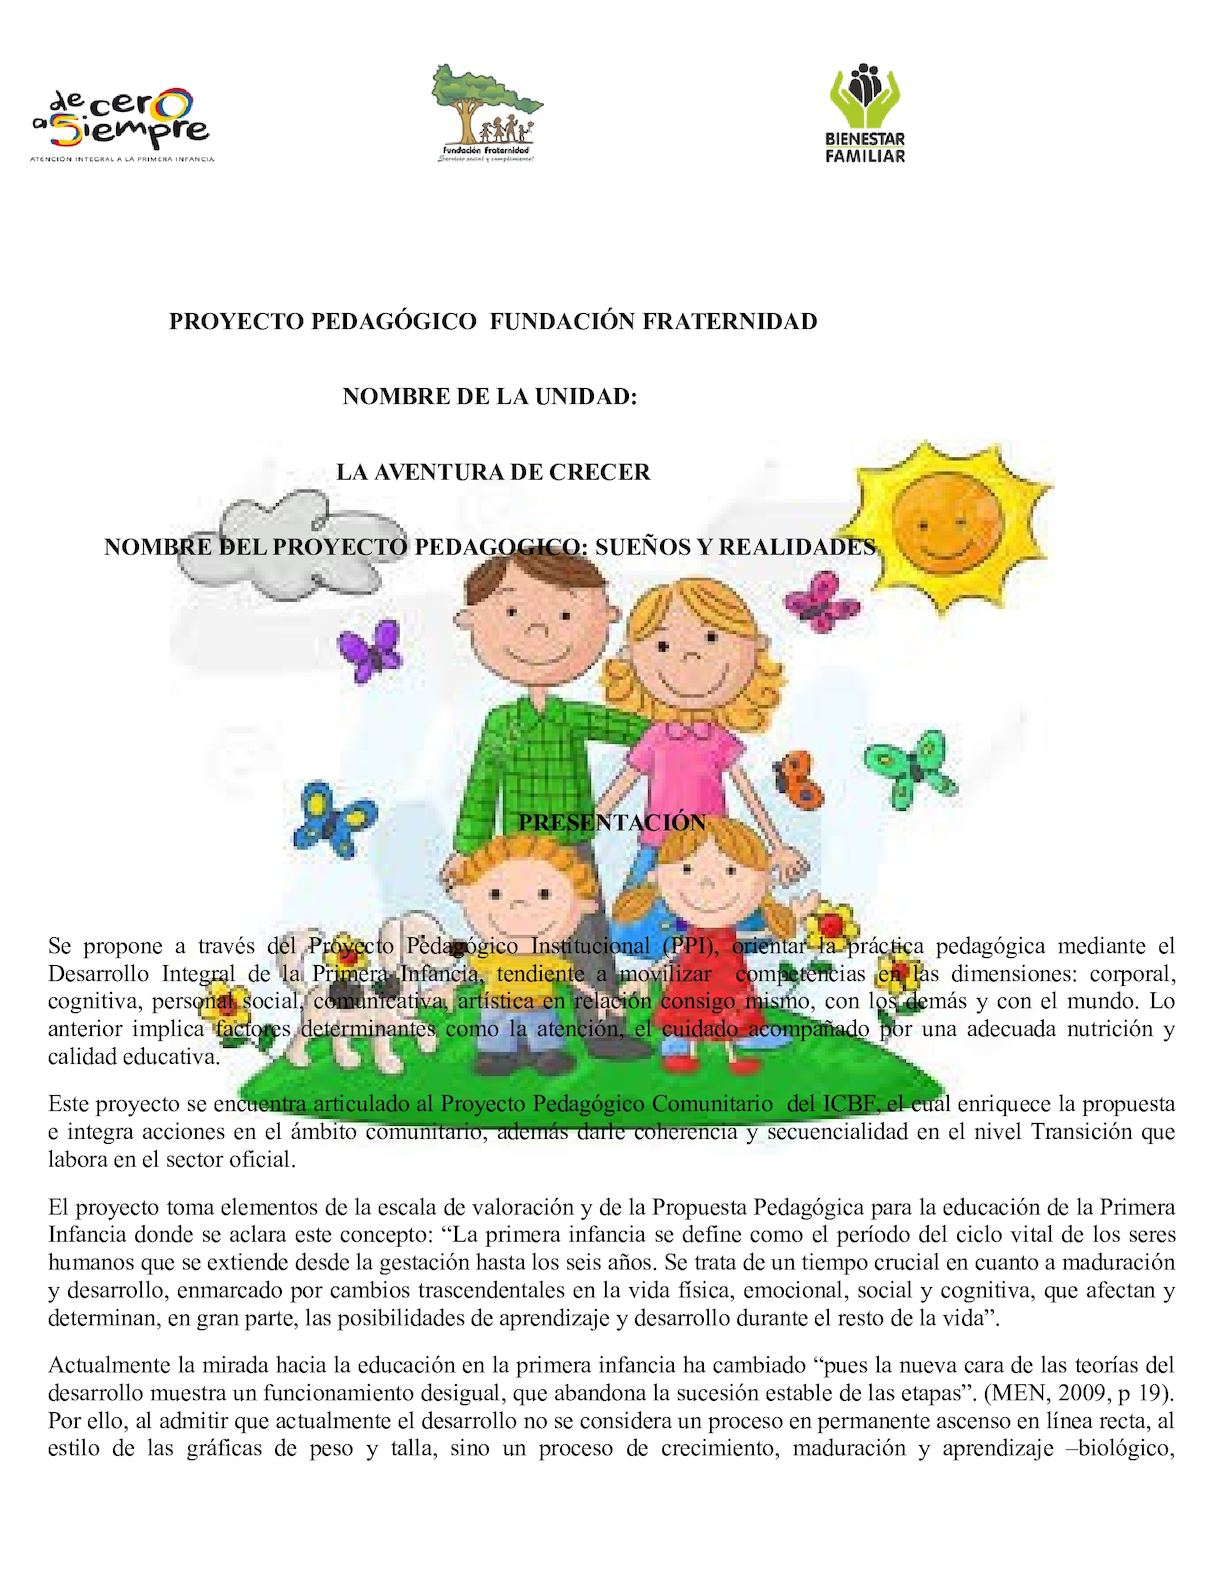 Proyecto Pedagogico Fundación Fraternidad 2016 (1) Maria